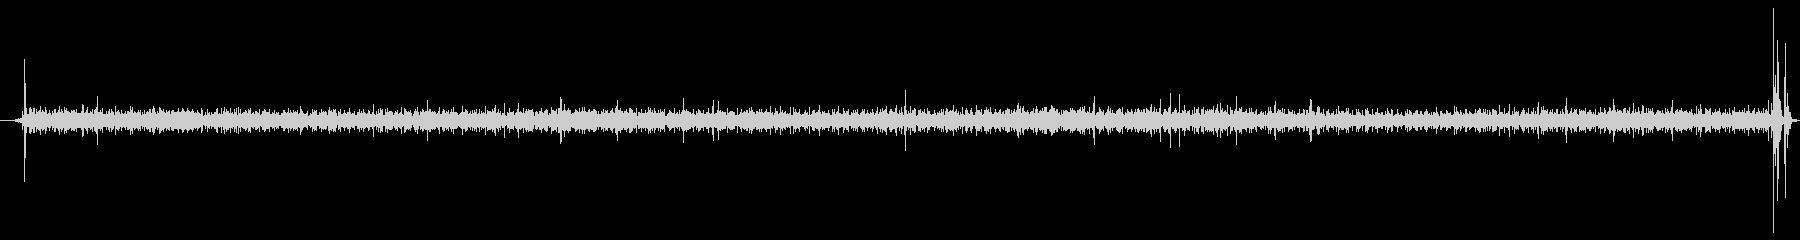 アンティークマニュアルムービーカメ...の未再生の波形